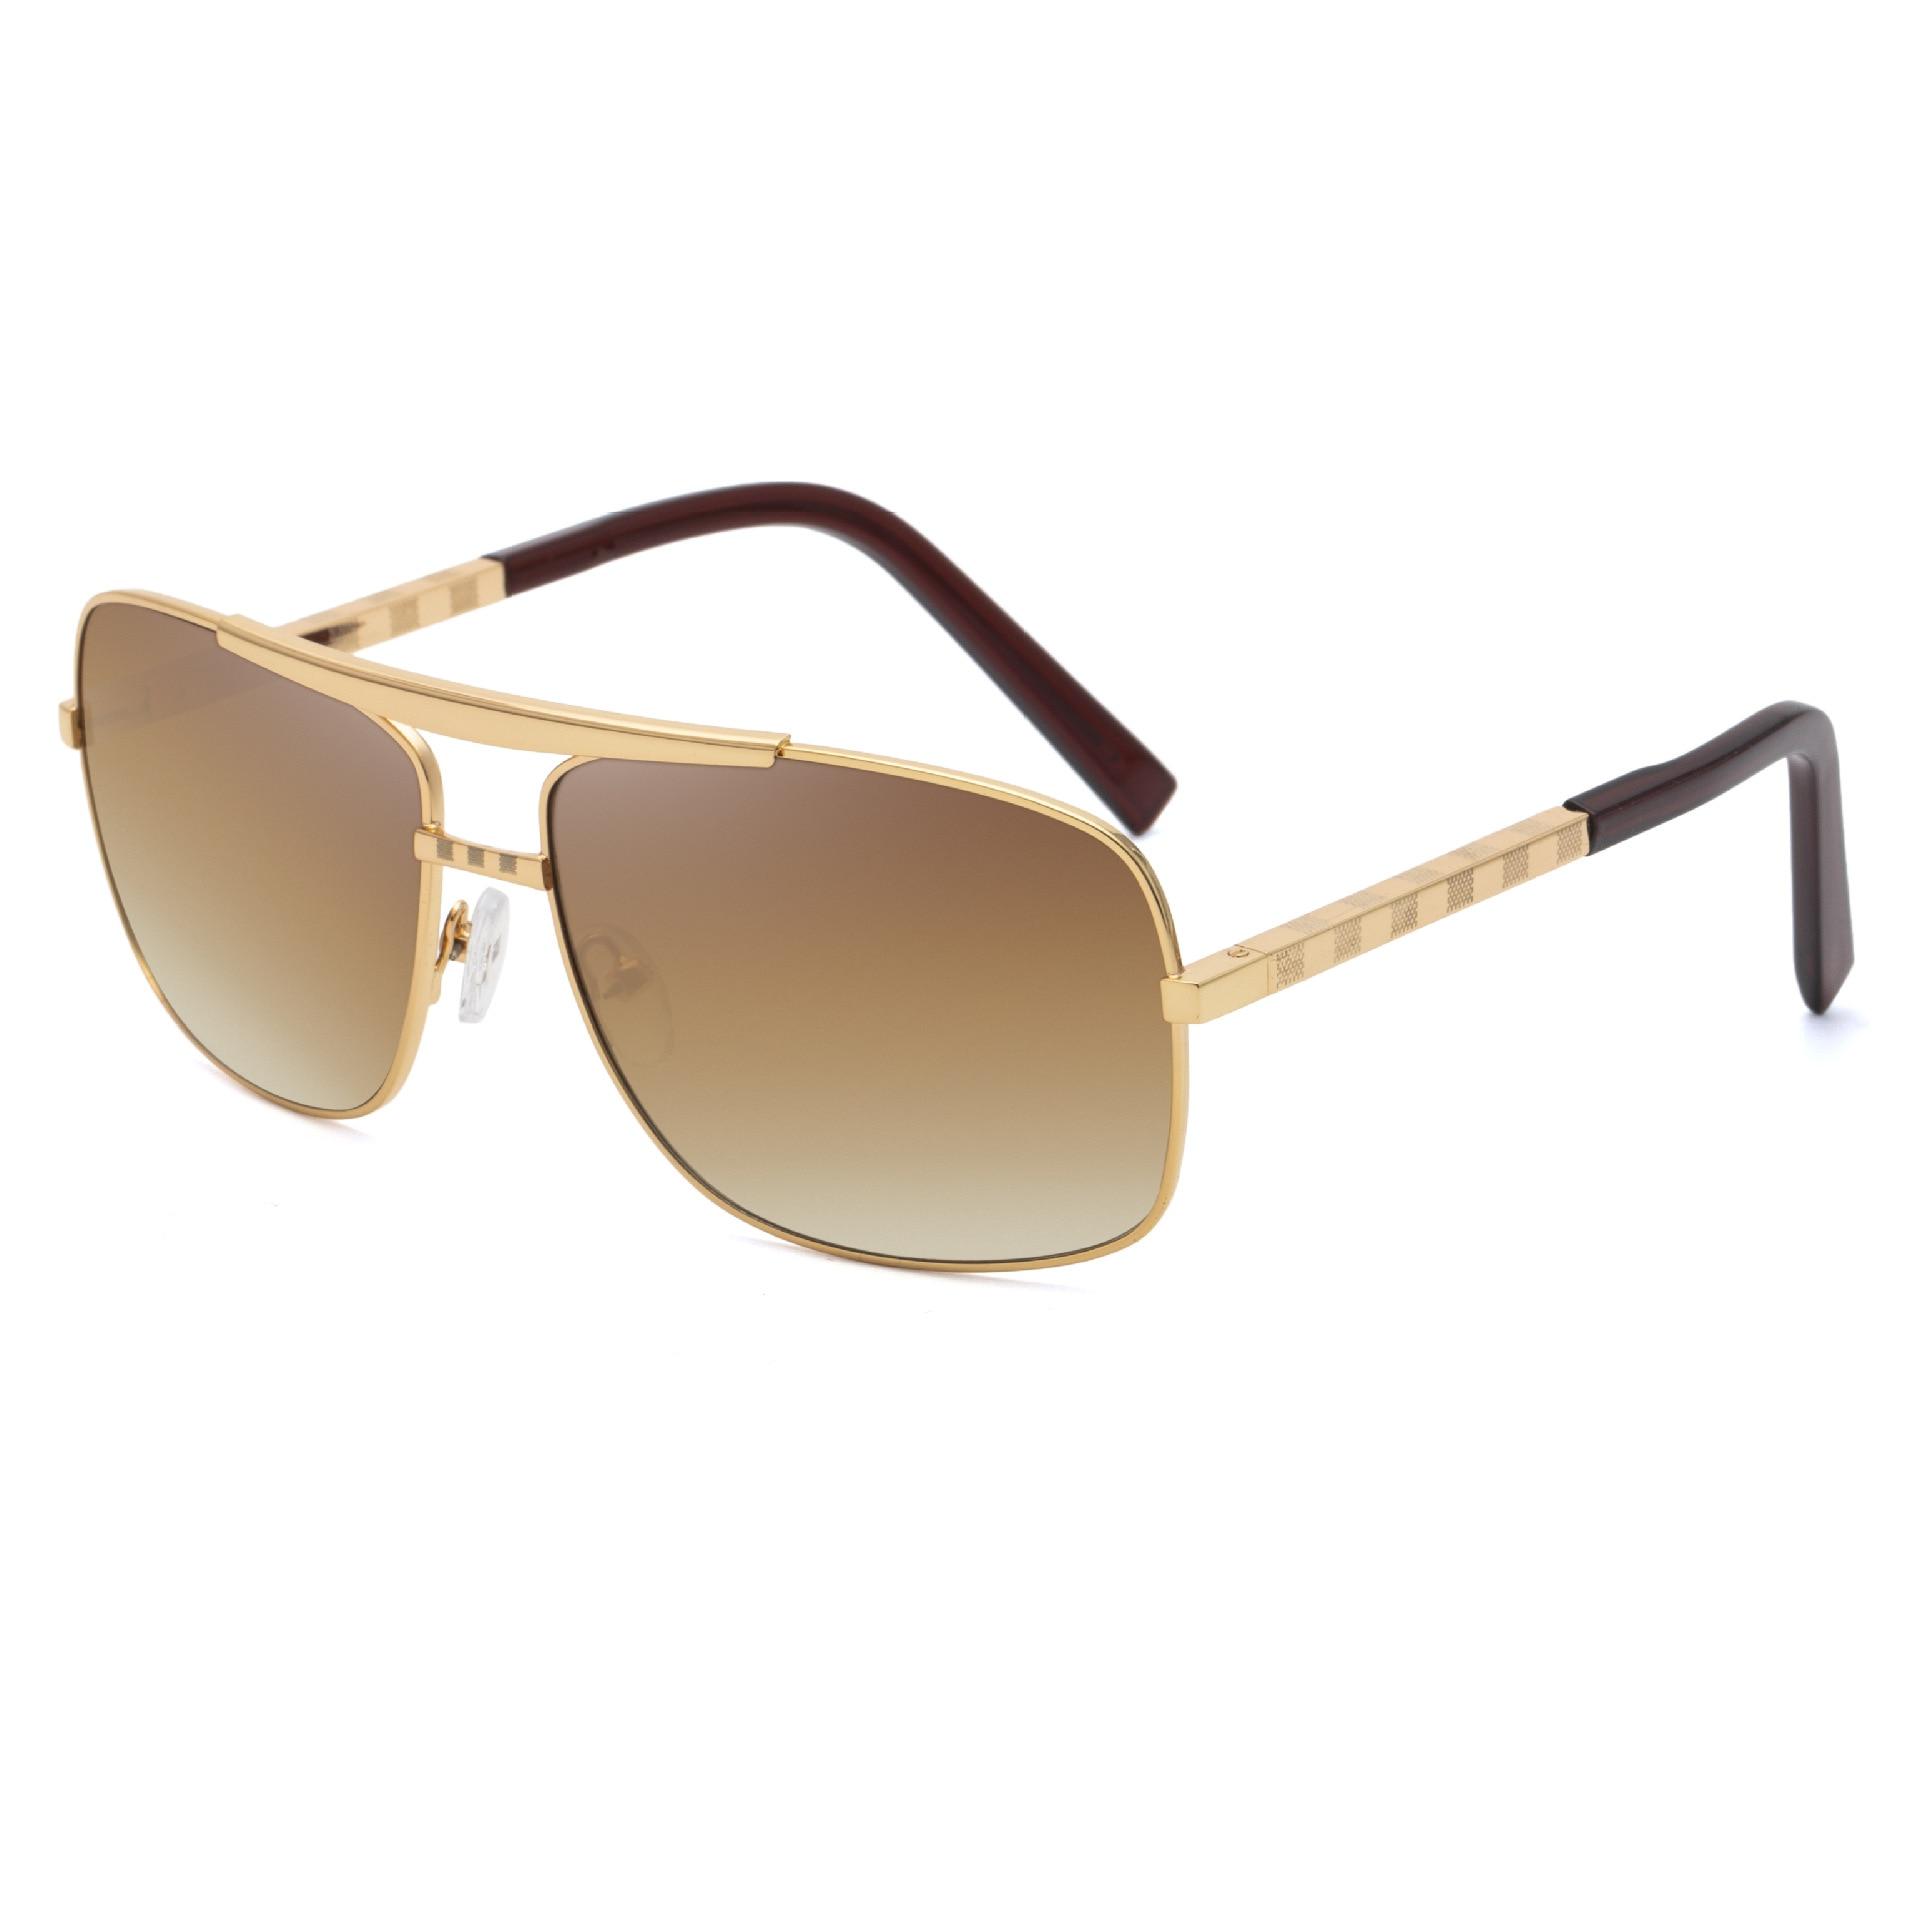 2019 New Sunglasses Men's 0256attitude Retro Box Catapult Sunglasses Wholesale Sunglasses  Sunglasses  Glasses